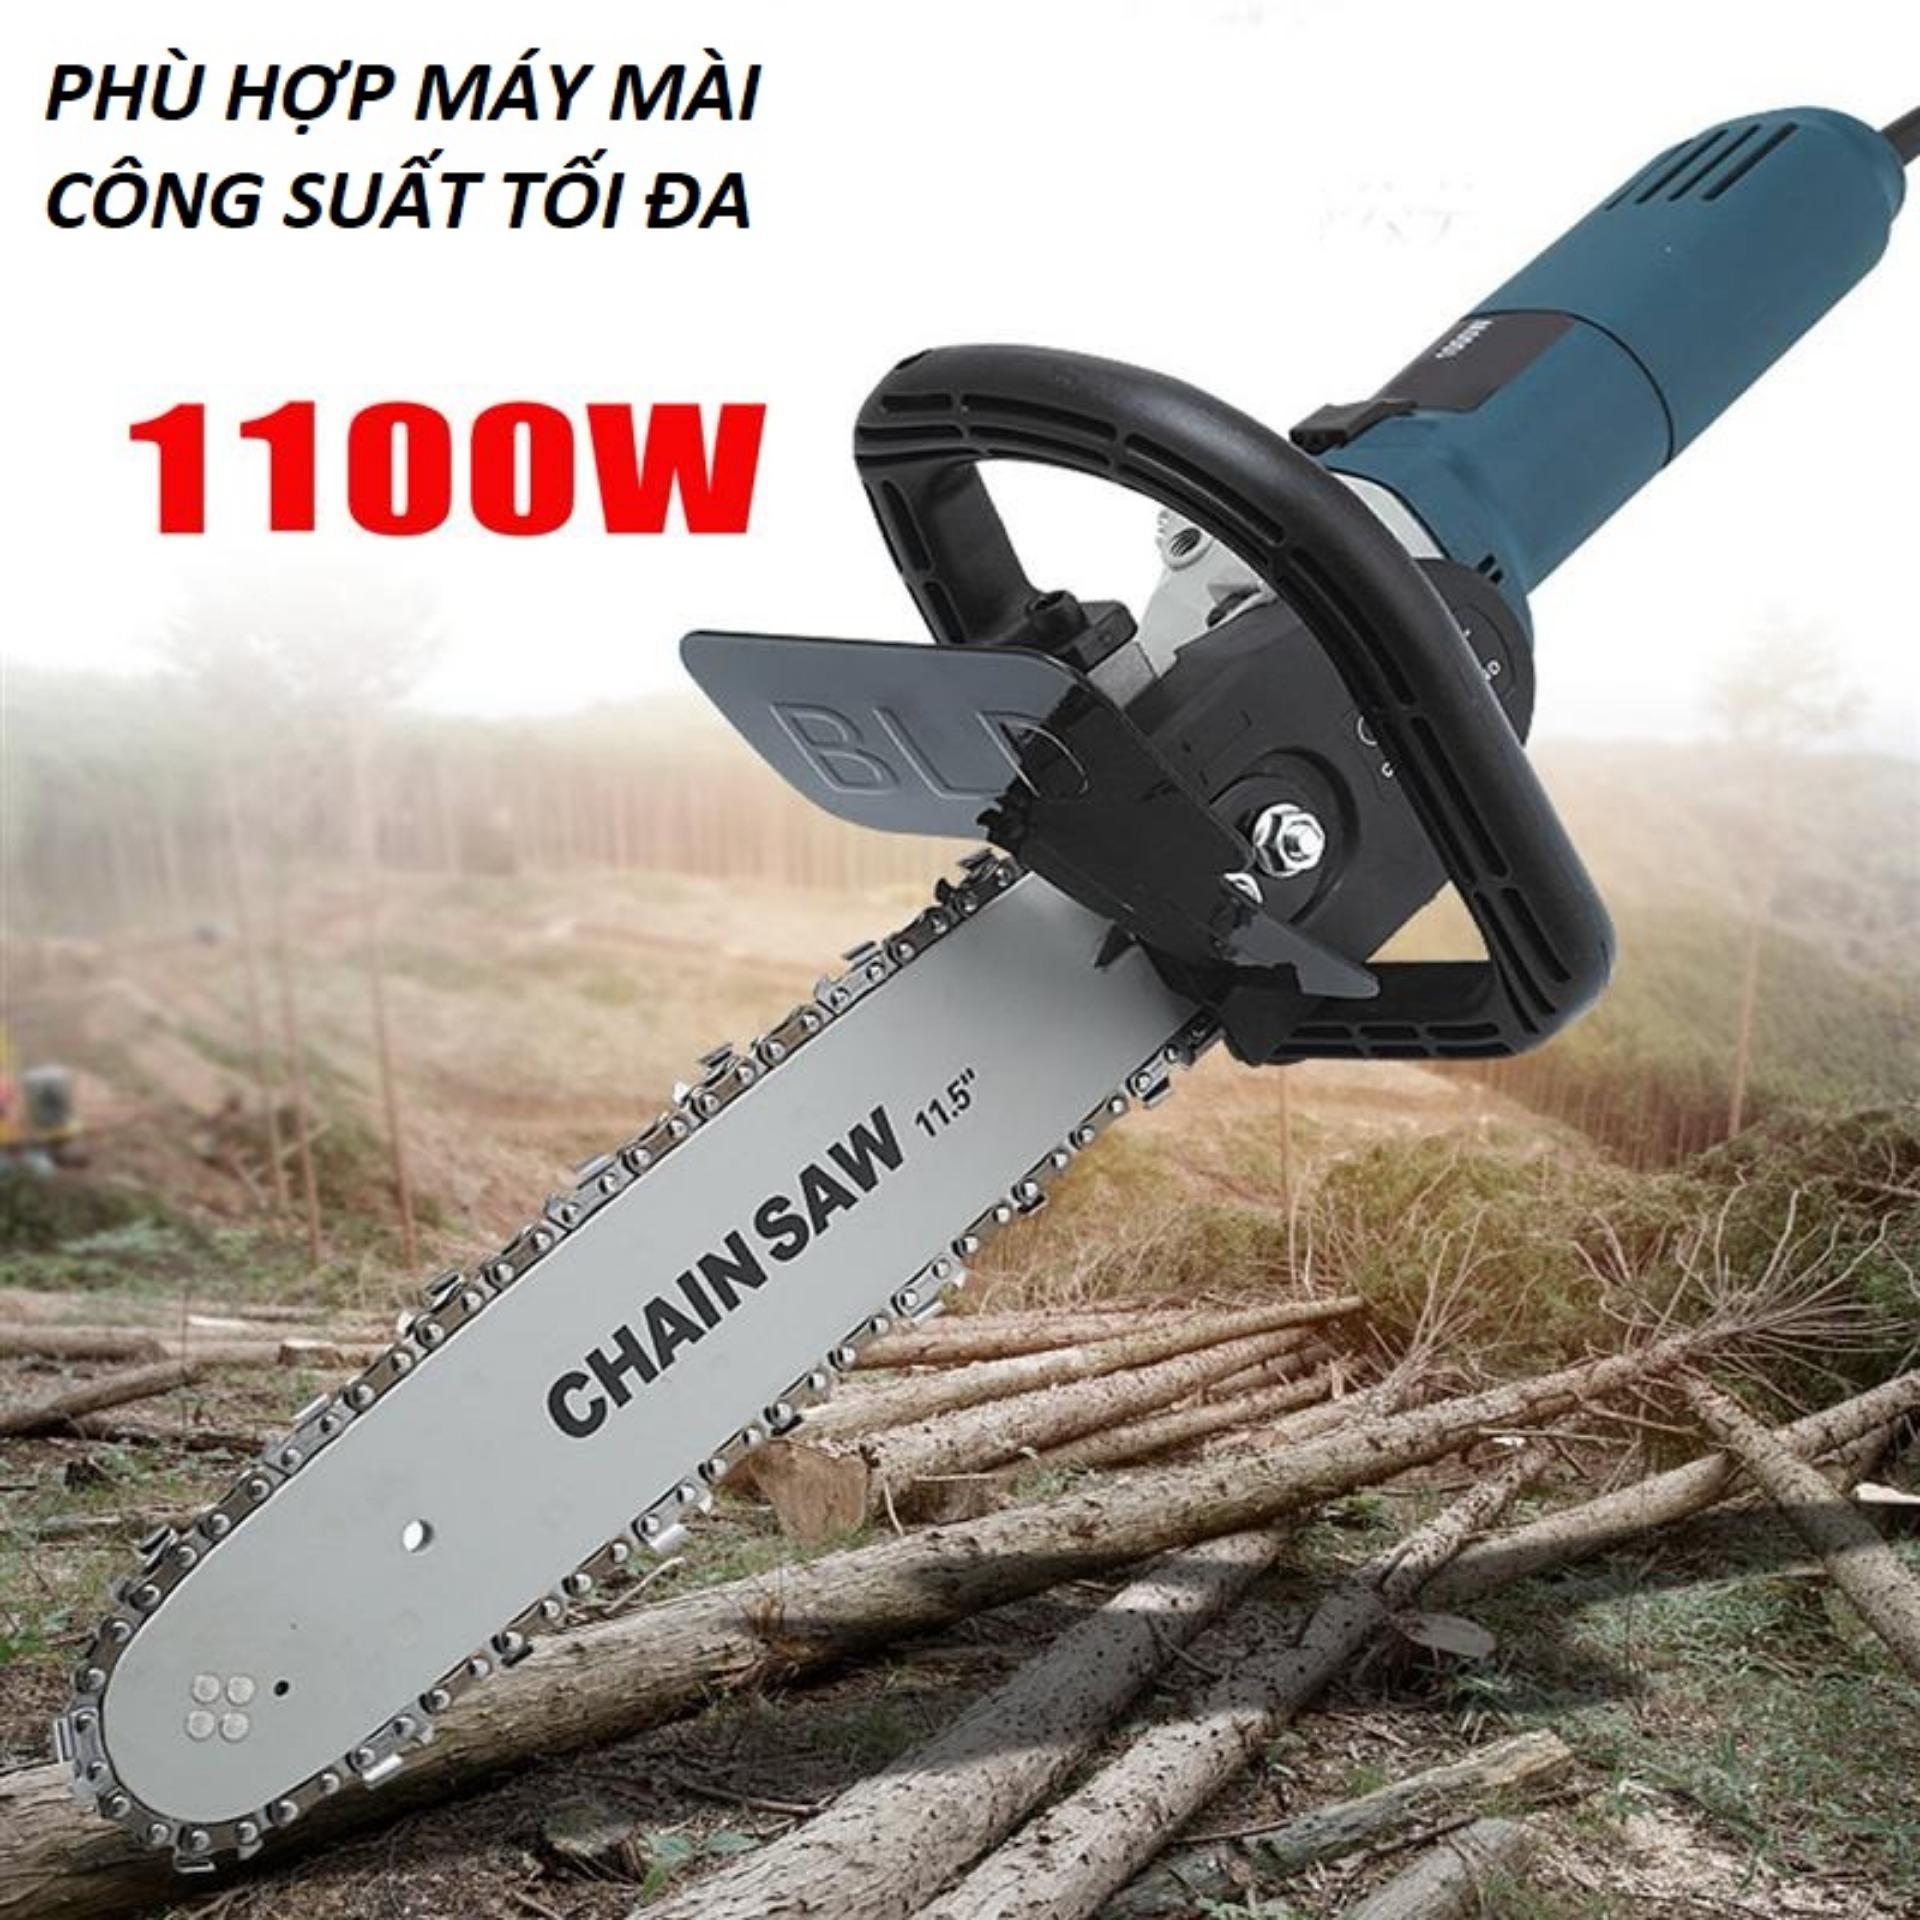 Bộ lam cưa xích dùng cho máy mài cắt cầm tay giá rẻ - phụ kiện của cưa tay cắt gỗ